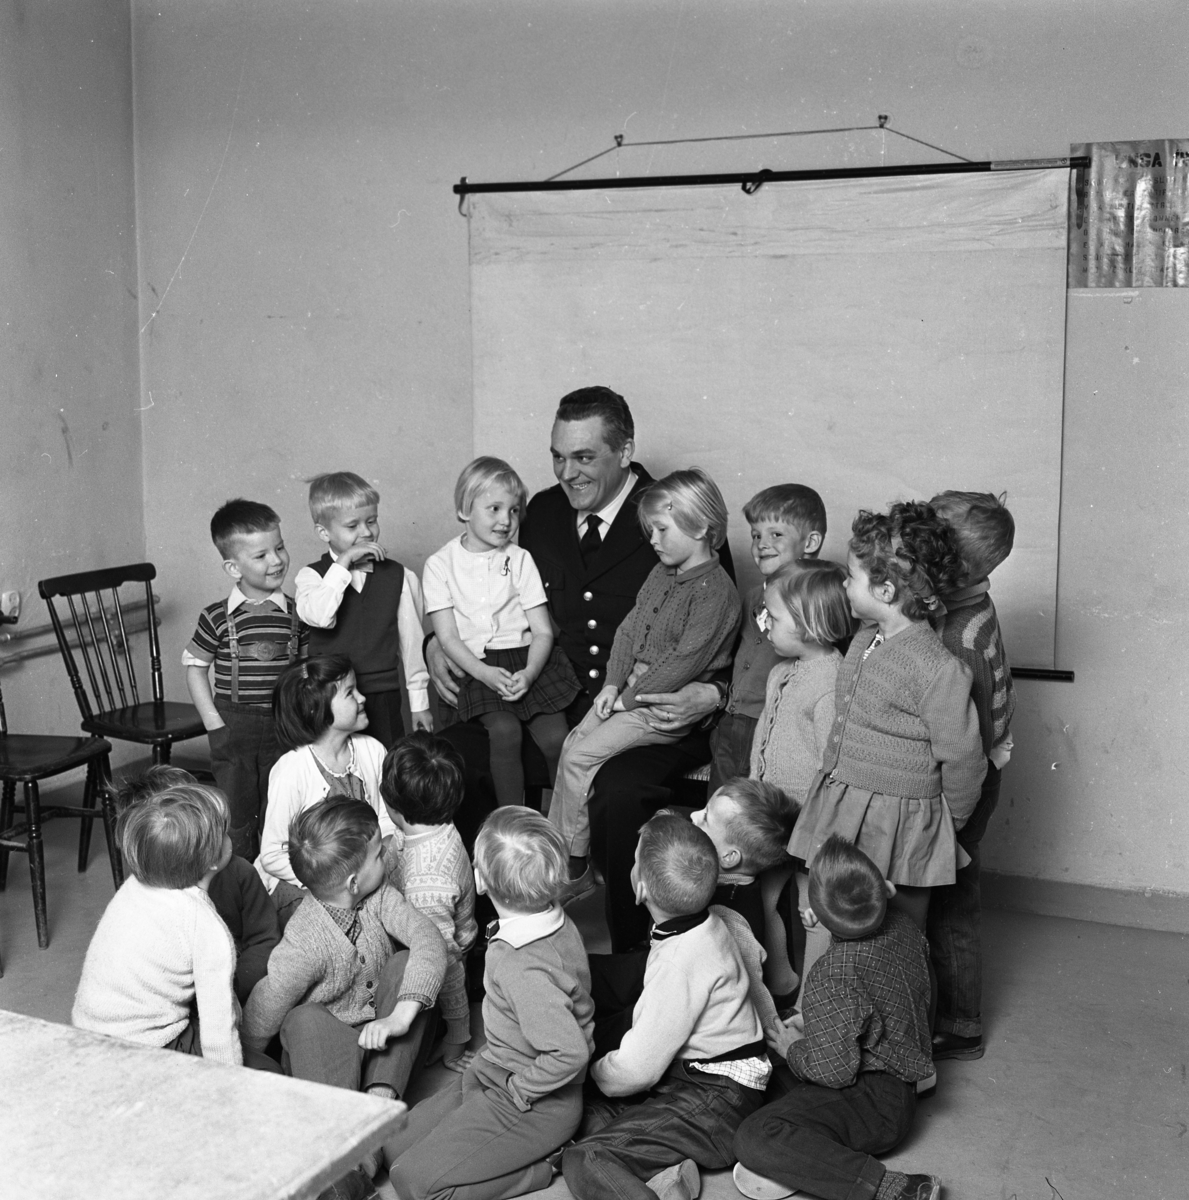 HSB´s lekskola har avslutning med besök av polis Ragnar Hedin. Barnen är samlade runt Ragnar som sitter med en flicka på varje knä. (HSB betyder Hyresgästernas sparkasse- och byggnadsförening)